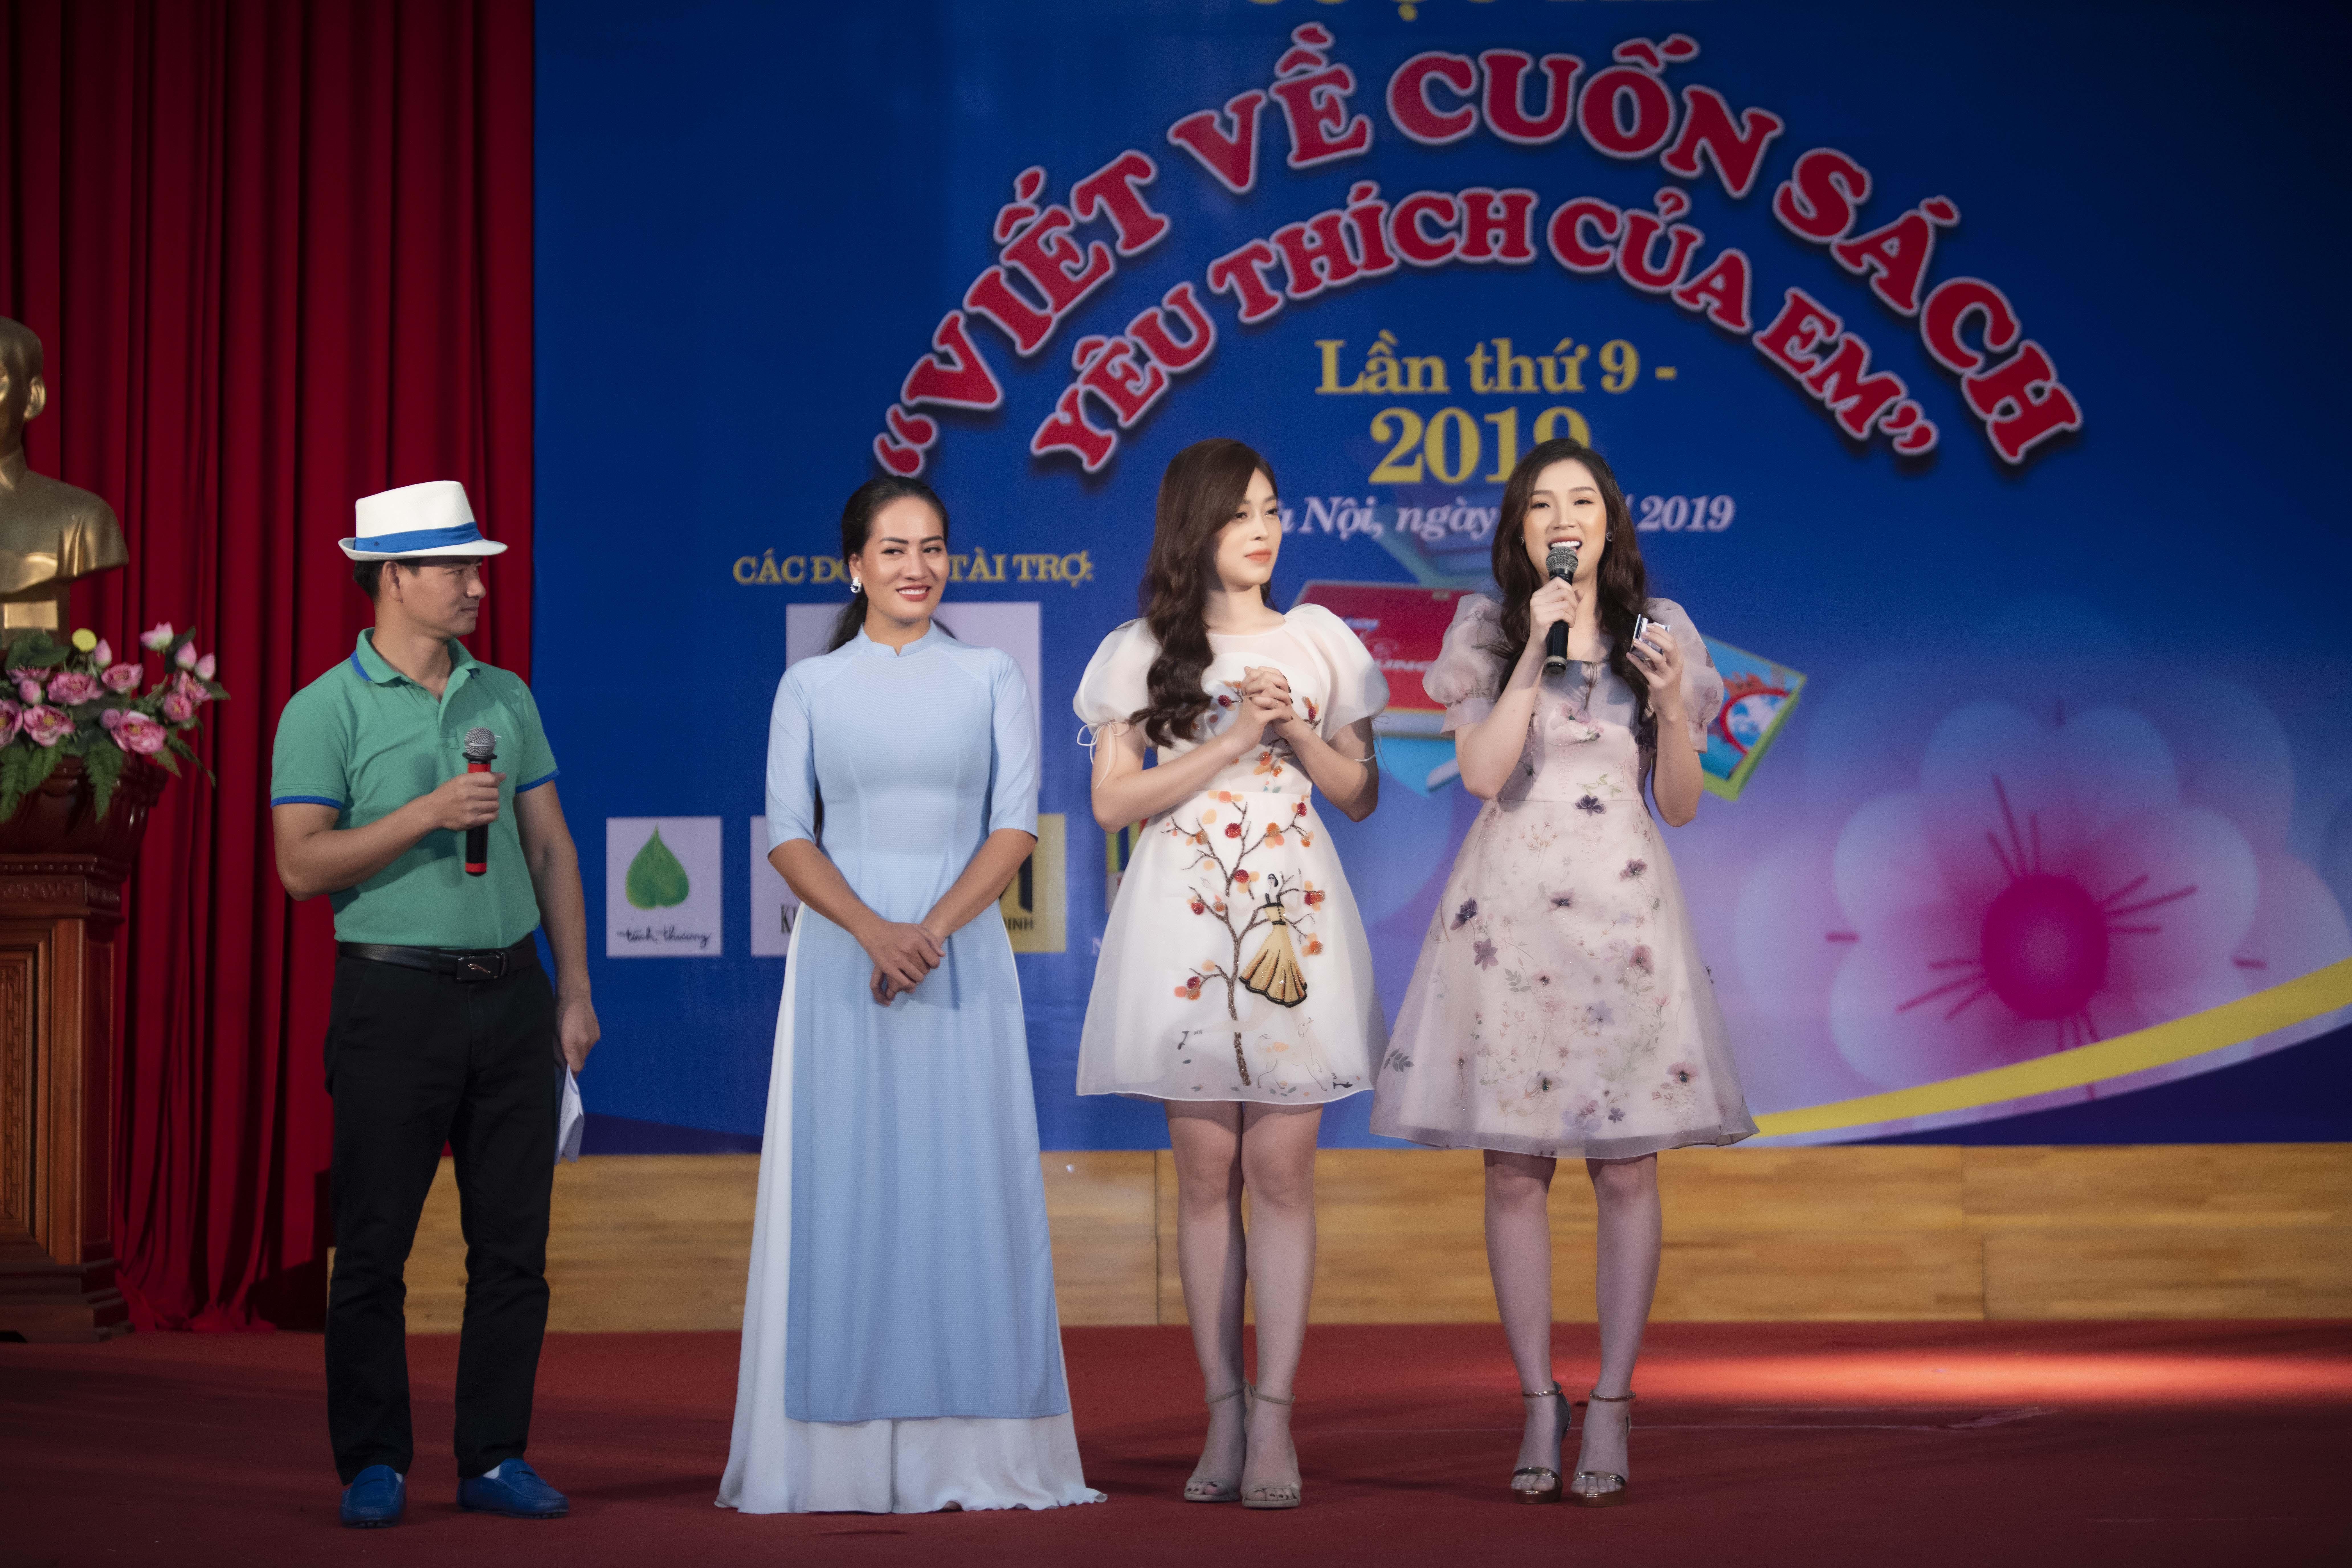 Á hậu Phương Nga khoe 'vẻ đẹp vạn người mê' đi sự kiện tại Hà Nội 7